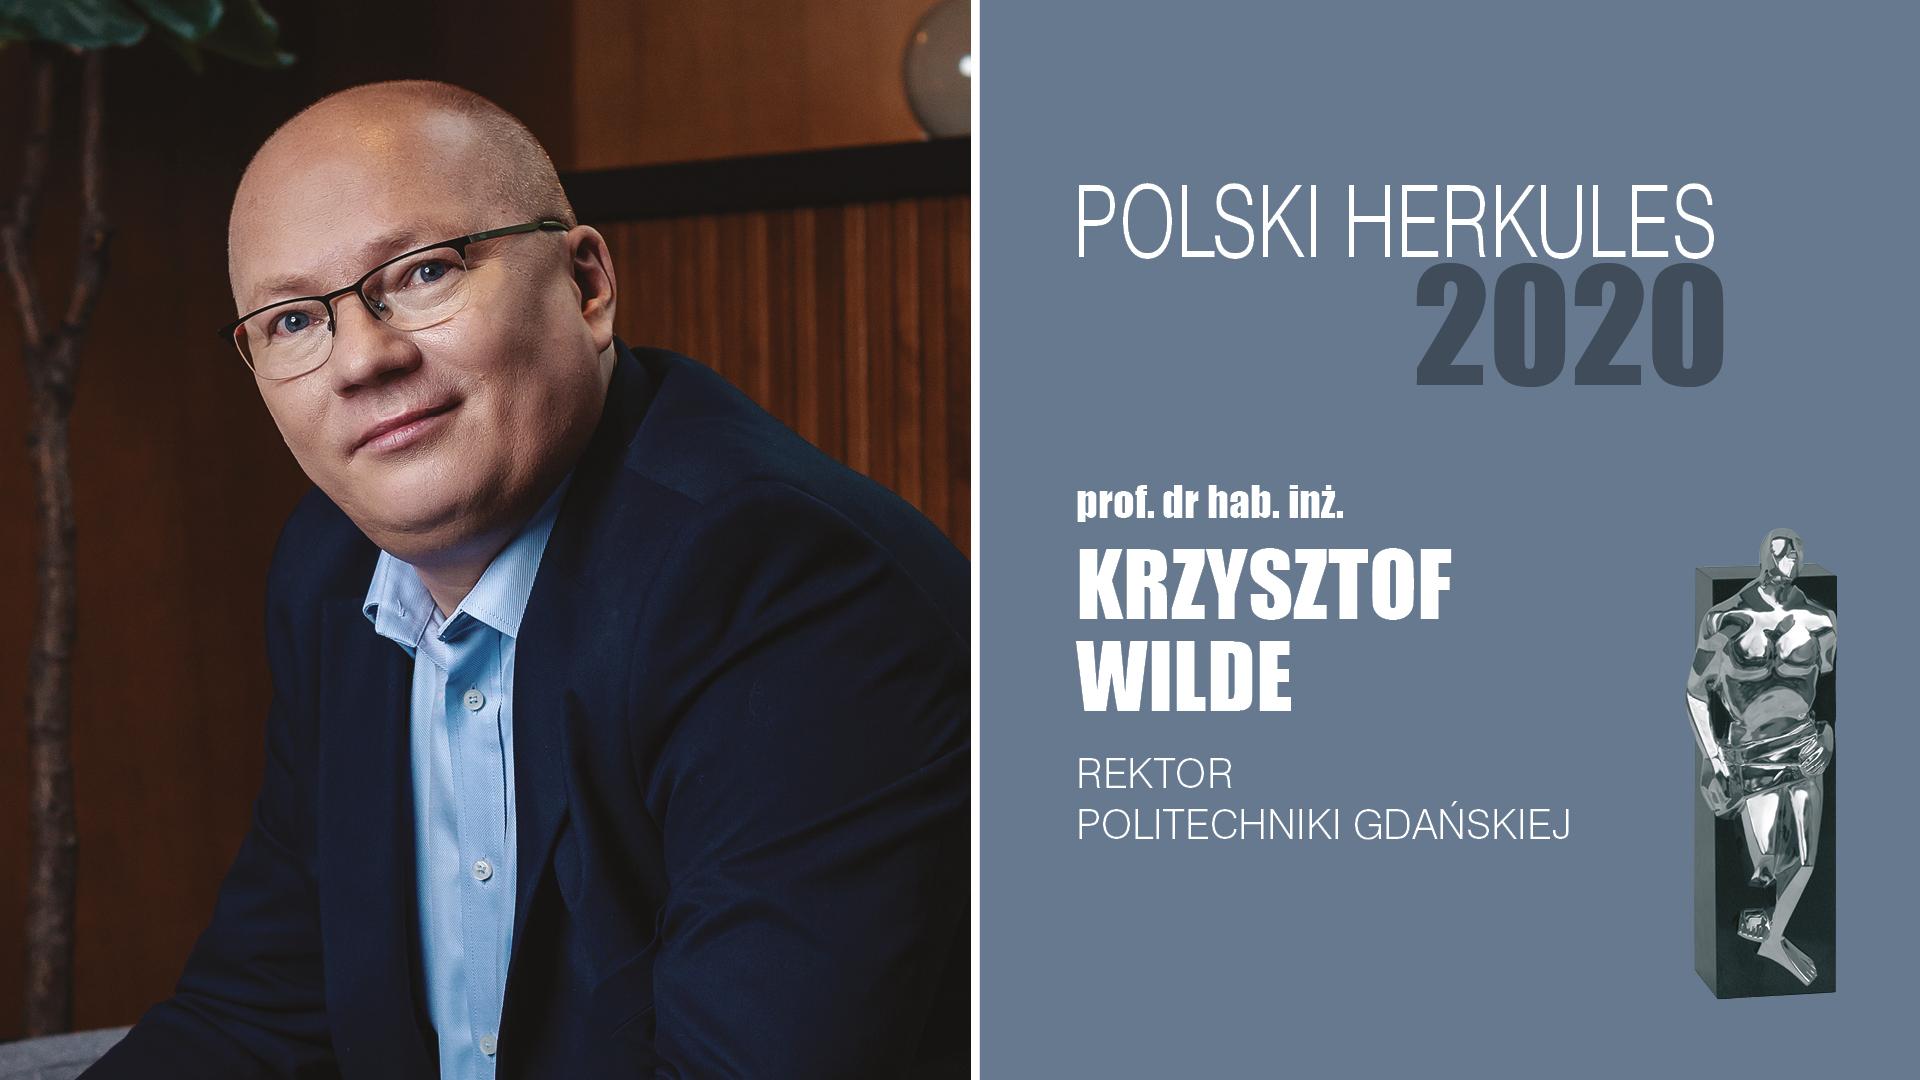 Prof. dr hab. inż. Krzysztof Wilde – Polski Herkules 2020